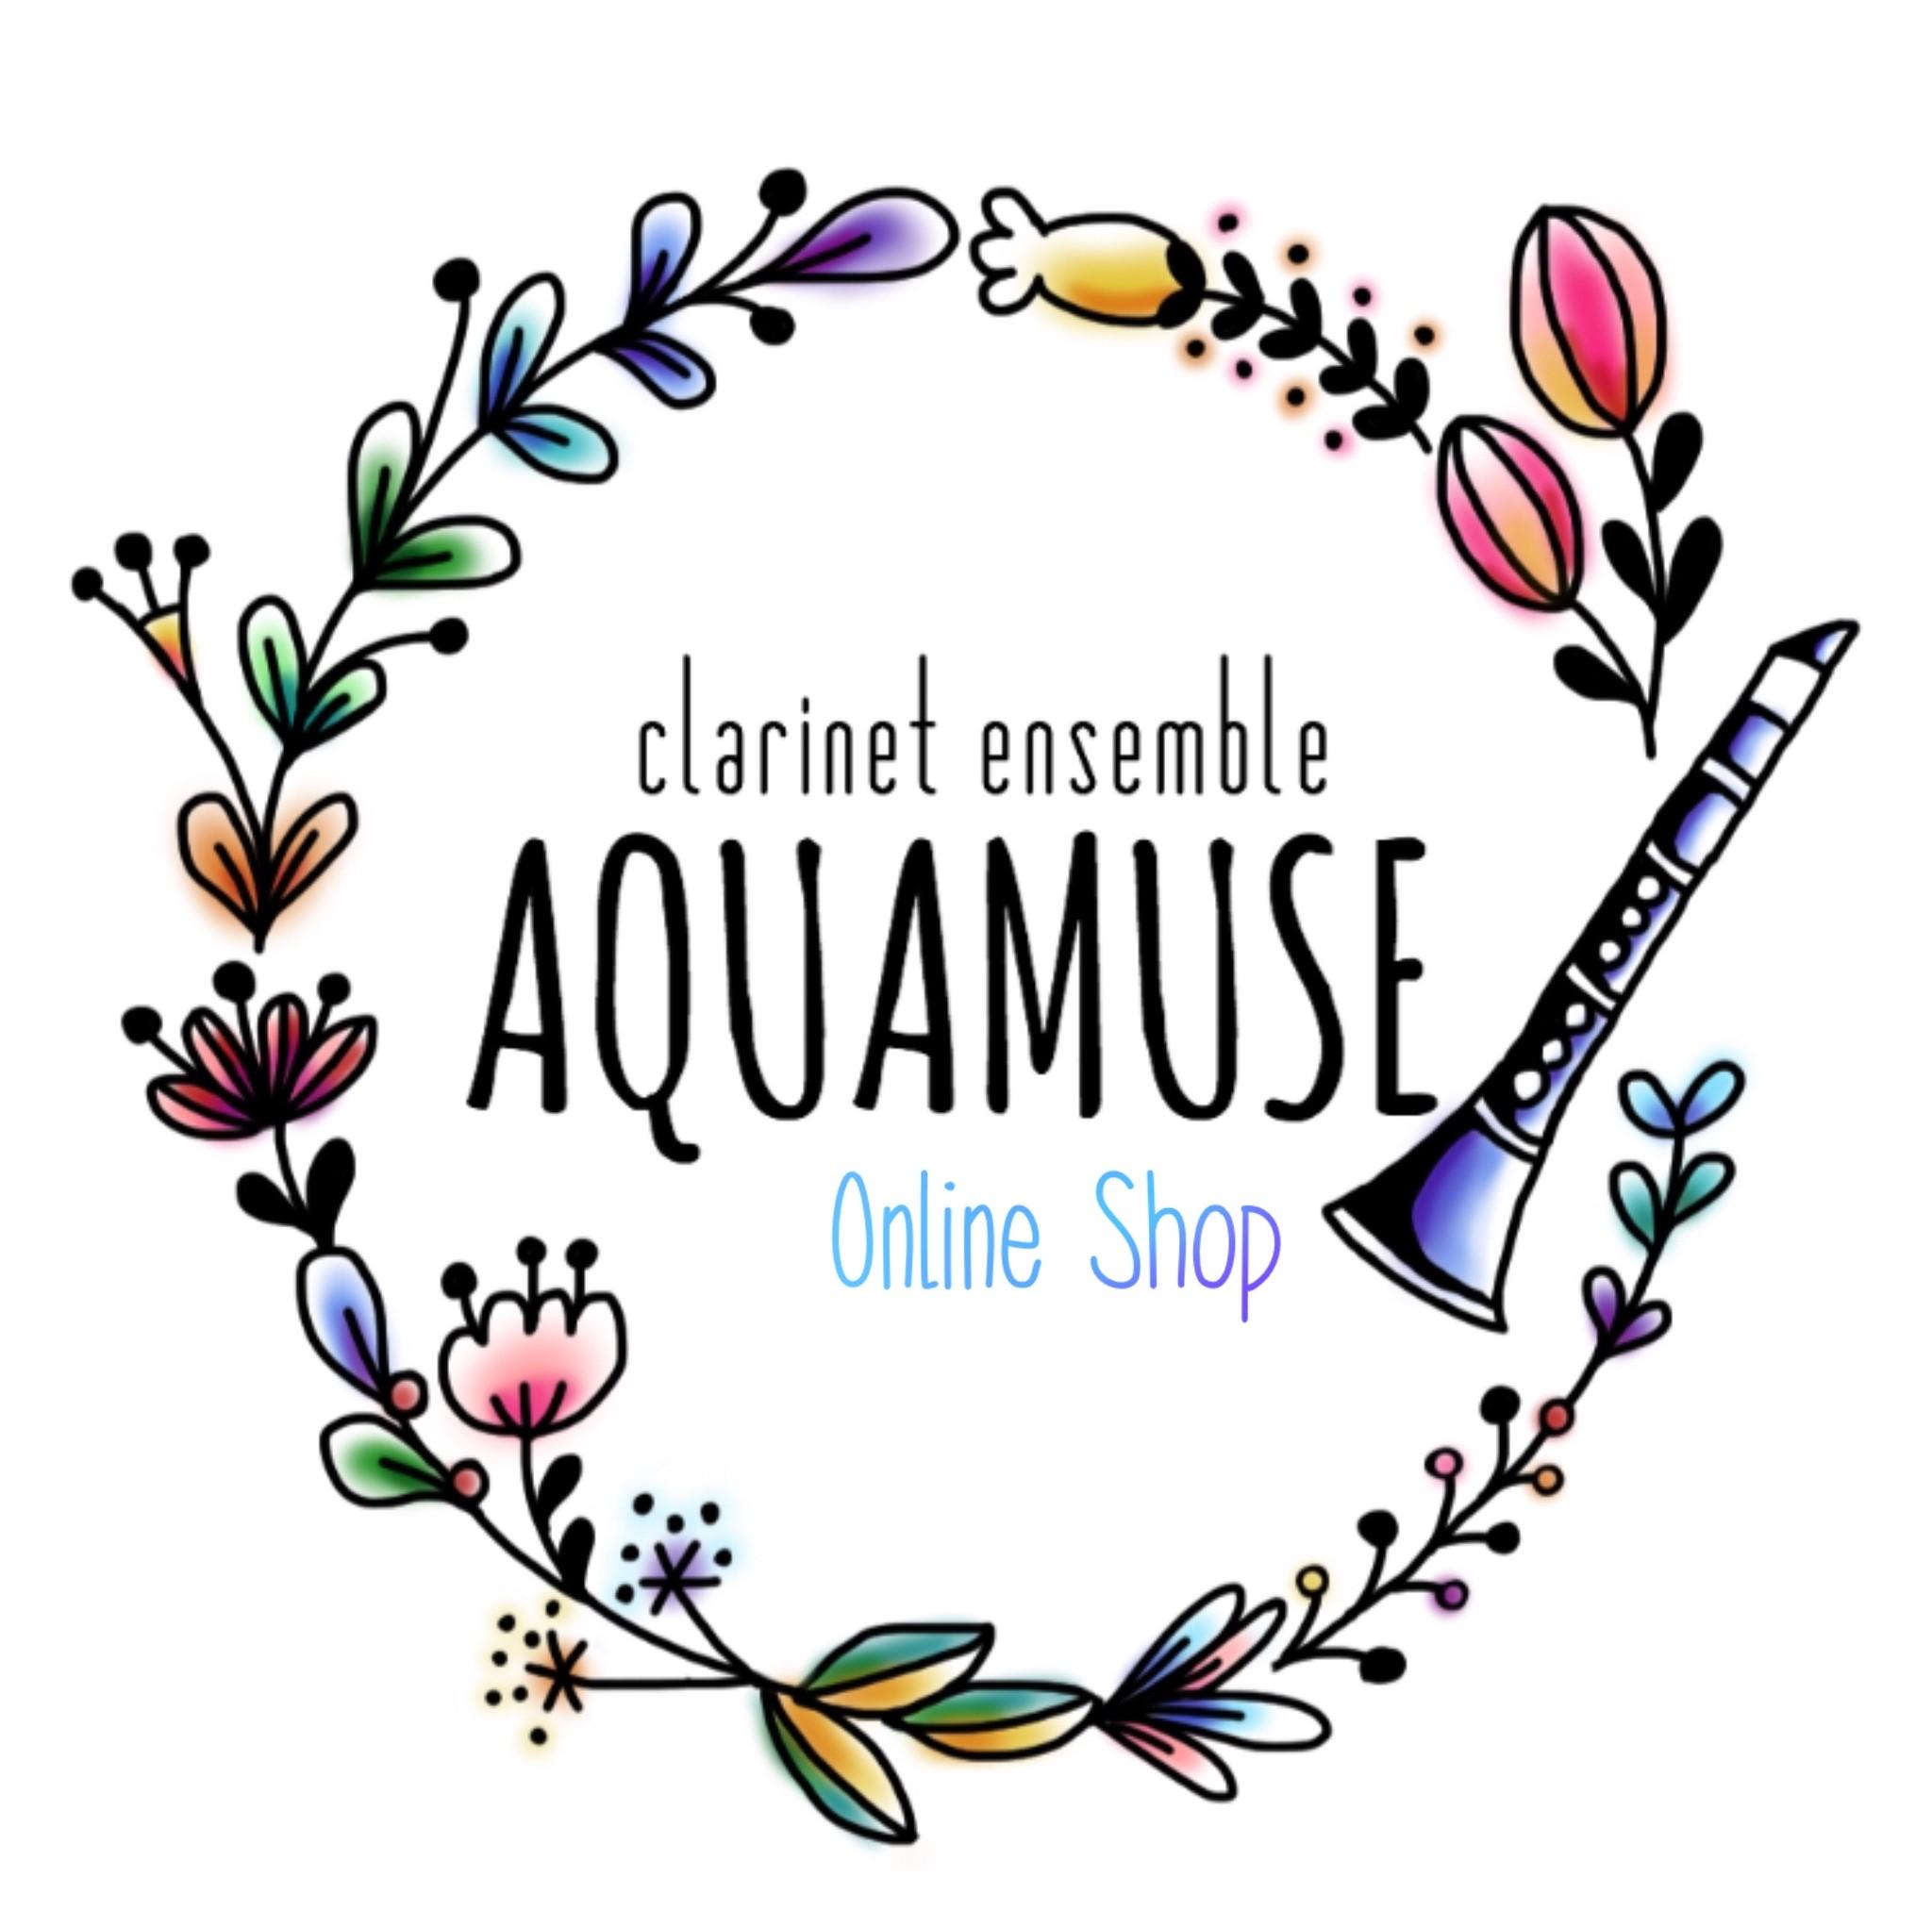 AQUAMUSE Online Shop